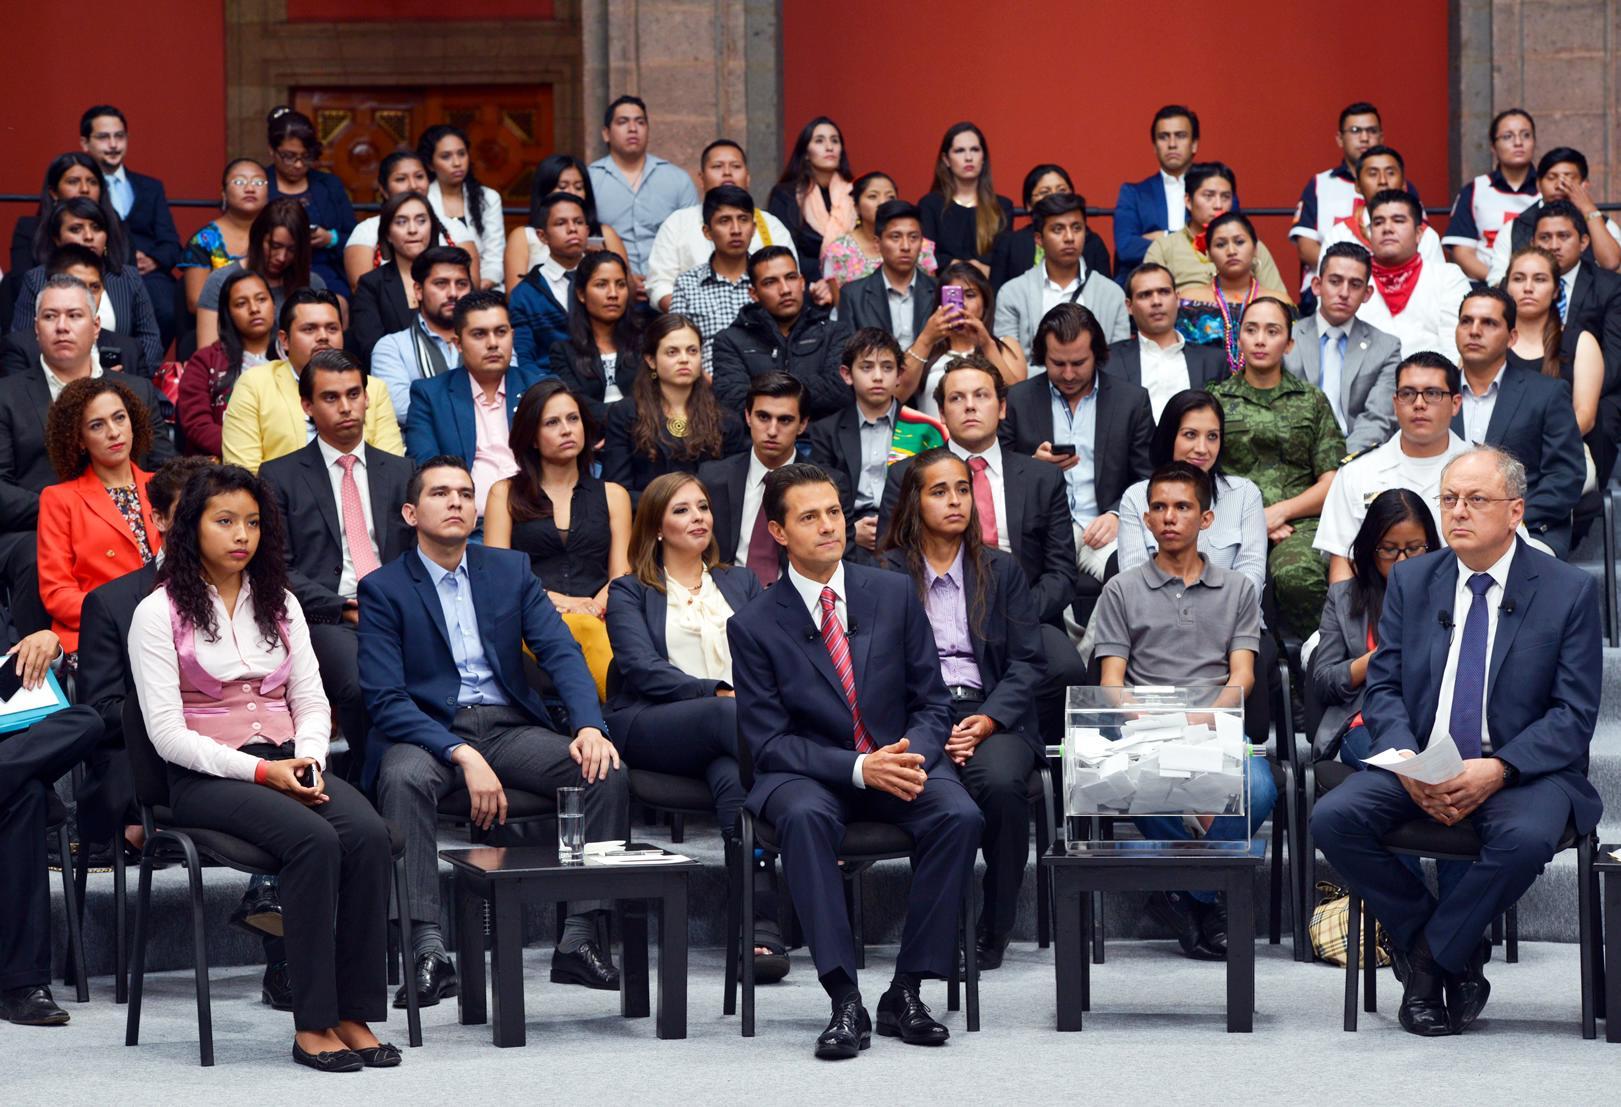 El Primer Mandatario destacó lo logrado por México en los últimos cuatro años y enfatizó las prioridades de su Gobierno para los próximos dos.